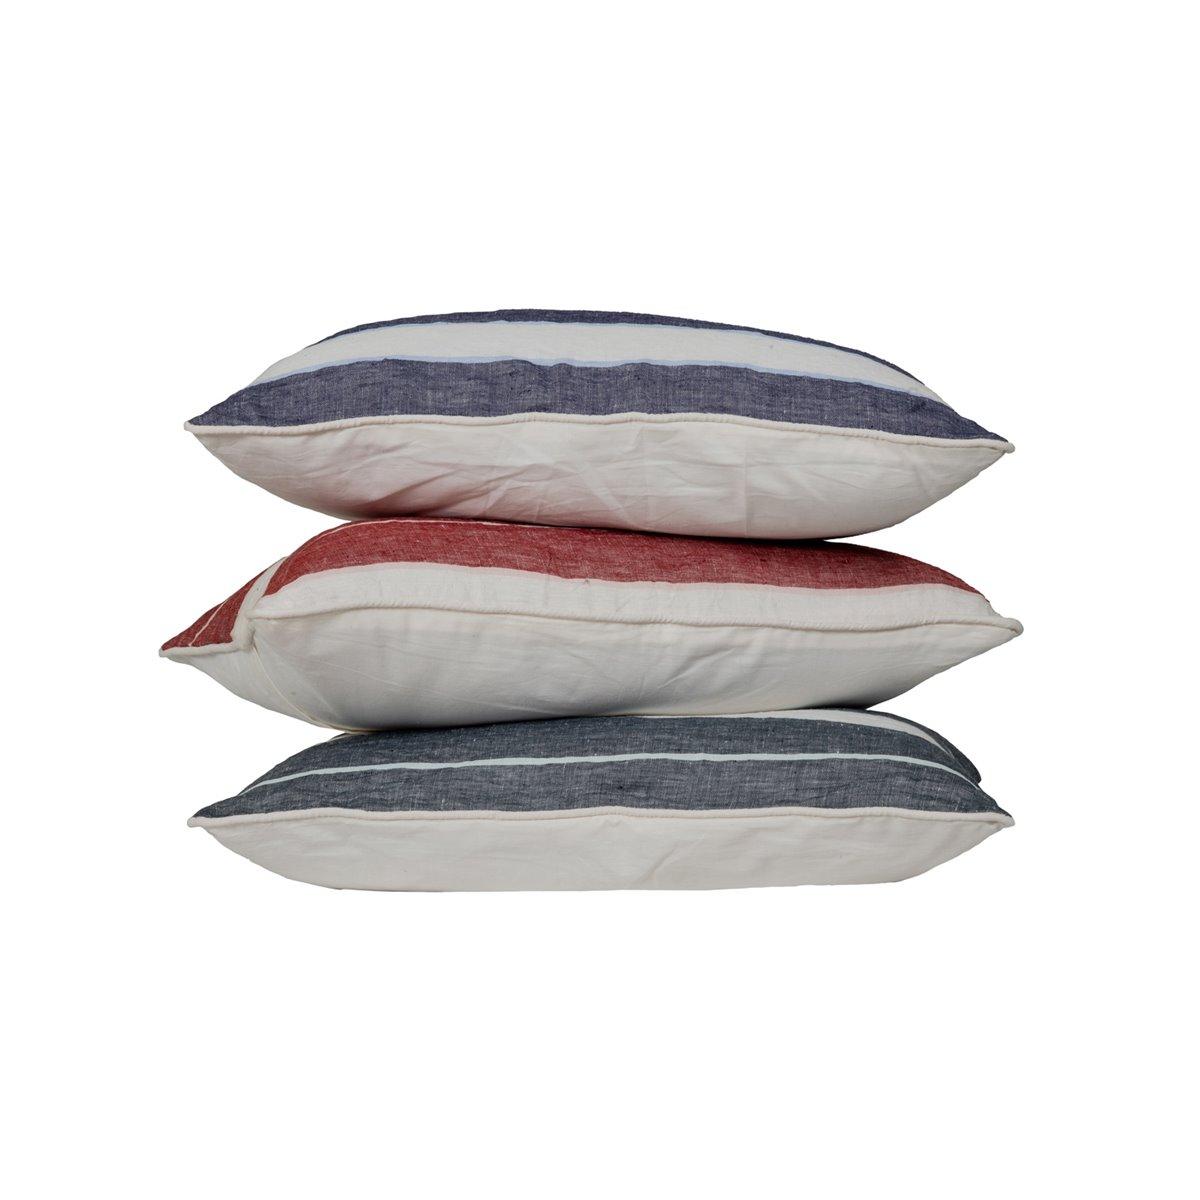 Coussin en lin/coton lavé  Indigo 30x50 cm